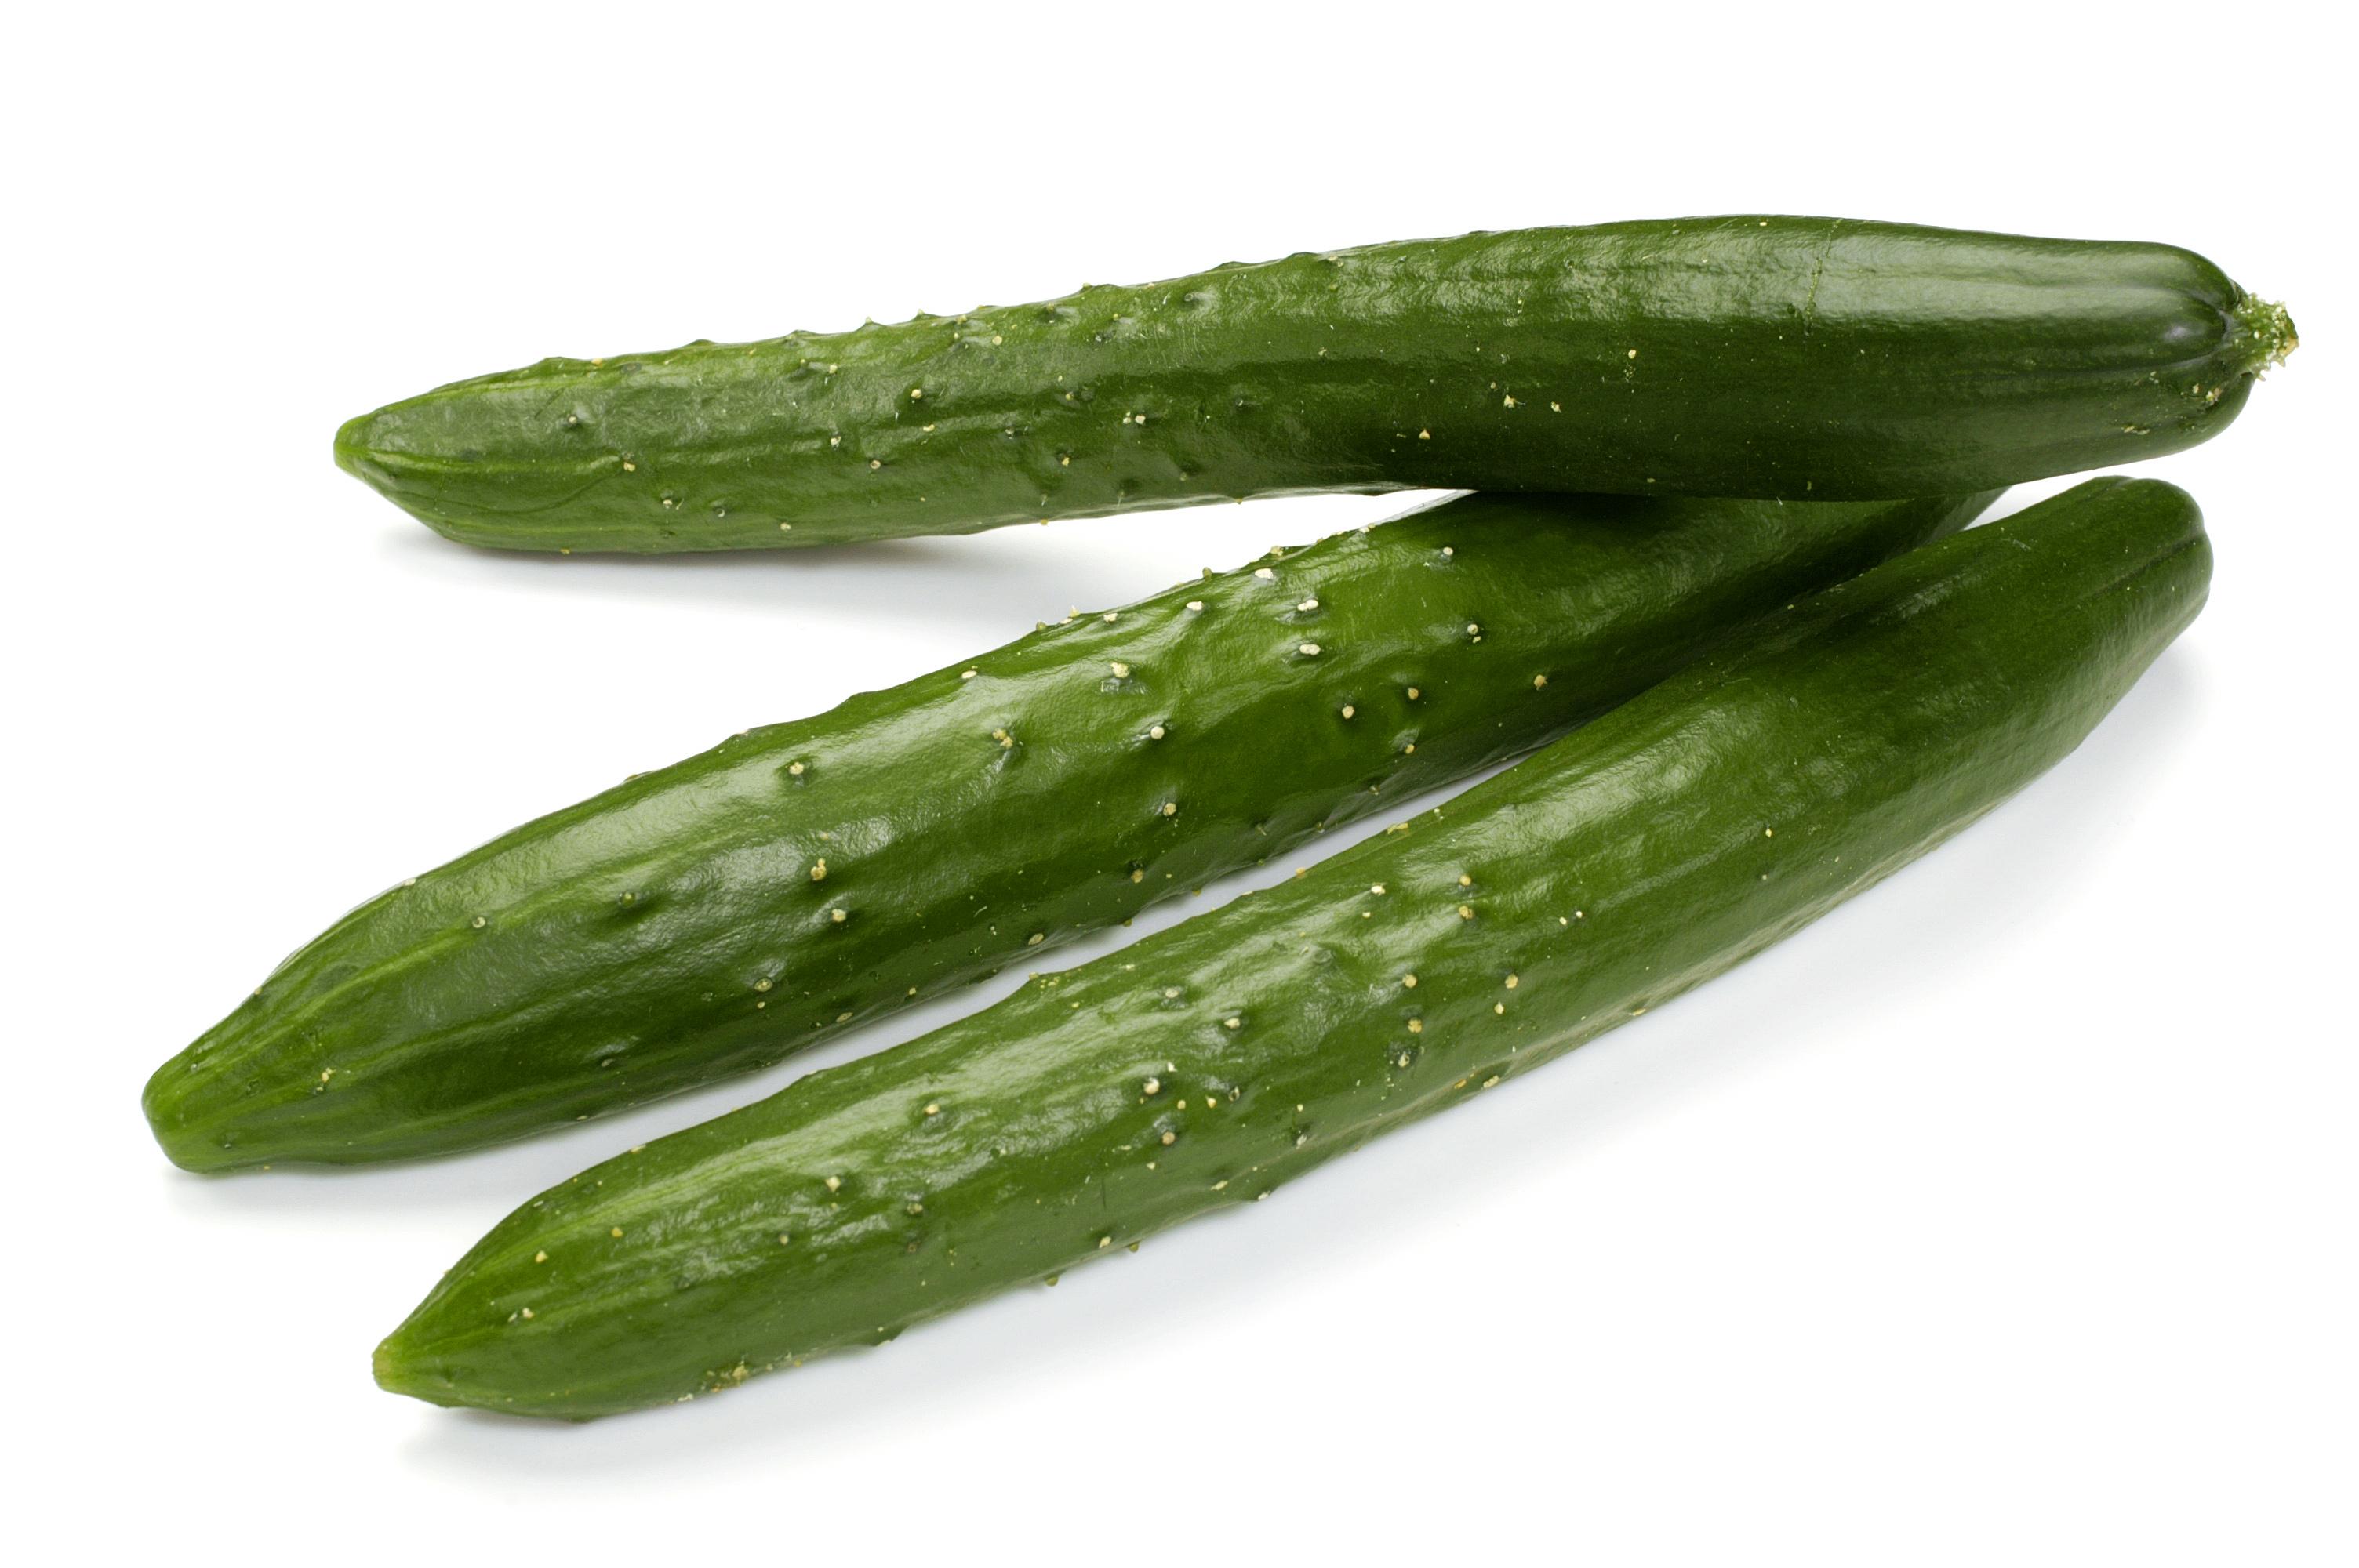 さっぱりと食べたい!いつでも簡単に作れるきゅうりレシピ5選!のサムネイル画像